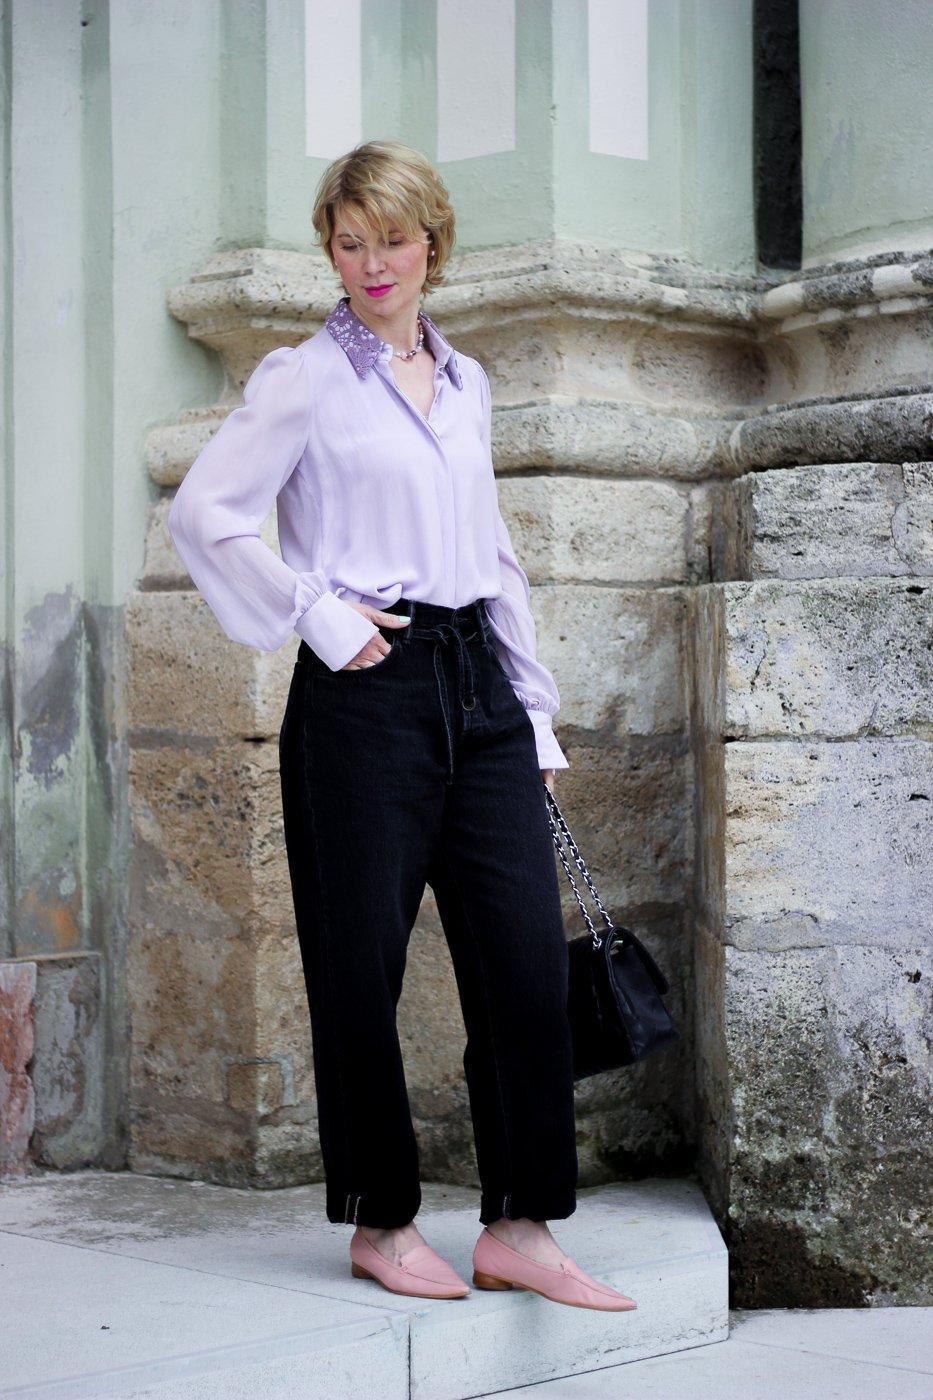 connydolllifestyle: Trendfarbe Flieder - lässig kombiniert zu Schwarz